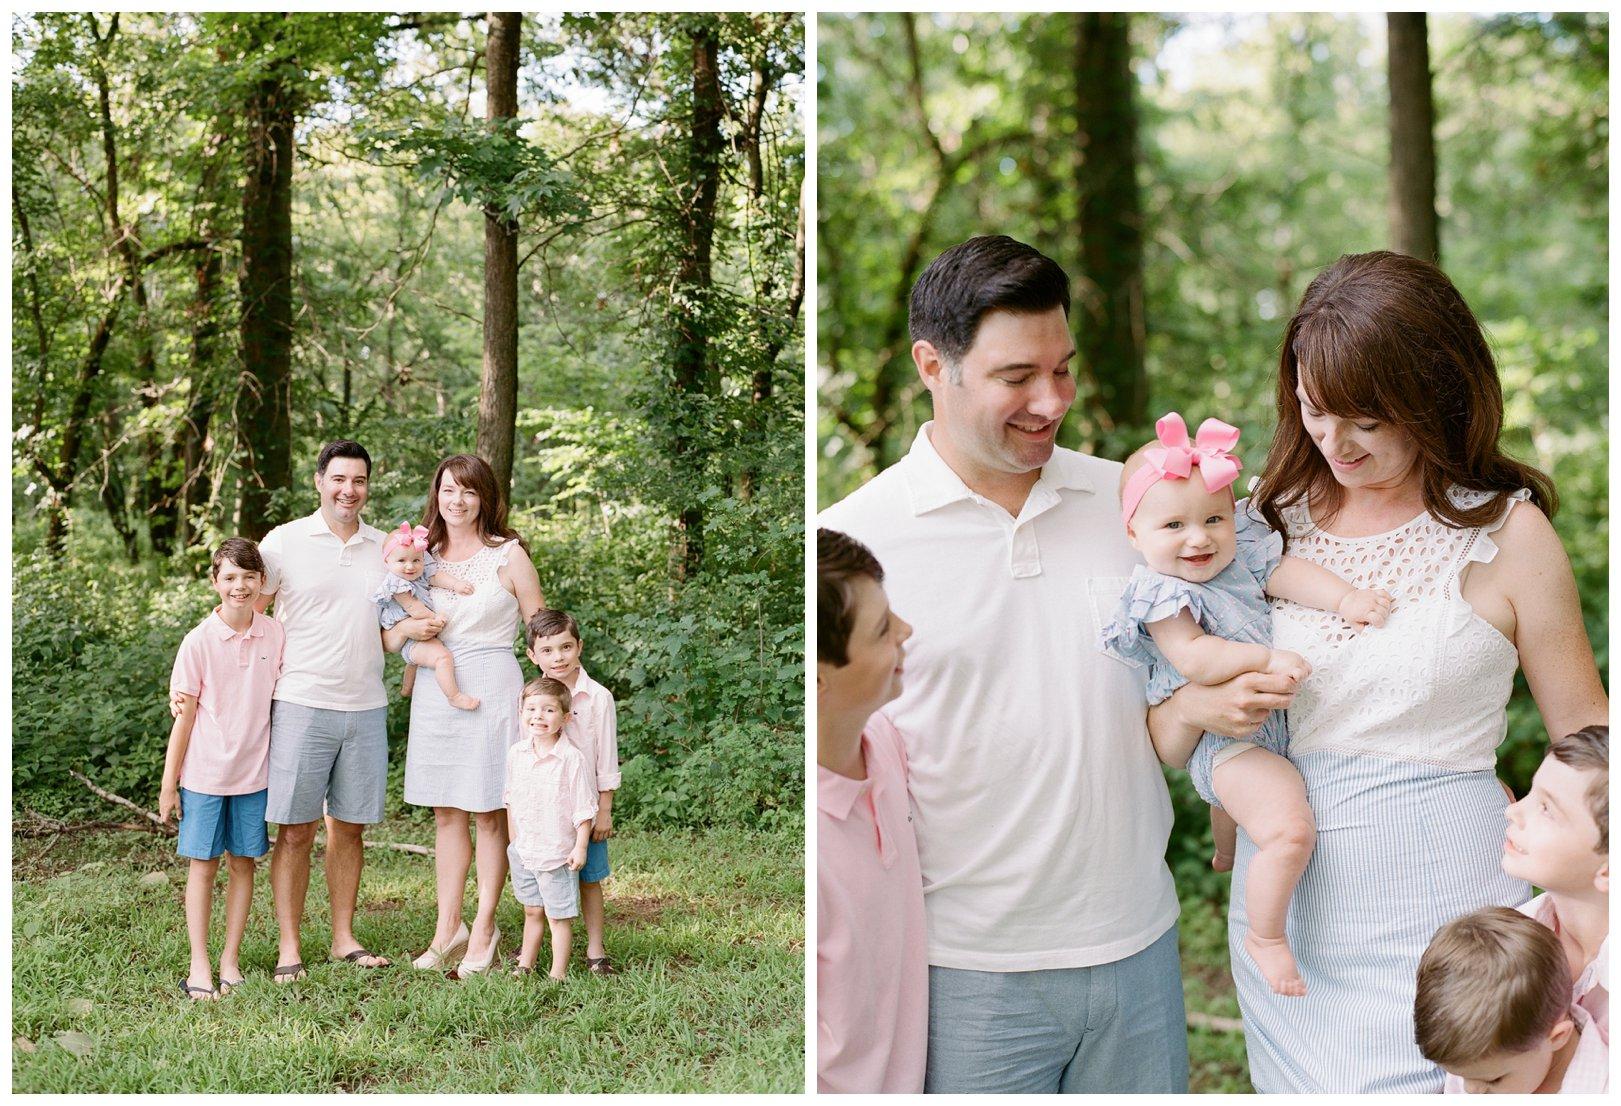 lauren muckler photography_fine art film wedding photography_st louis_photography_3453.jpg